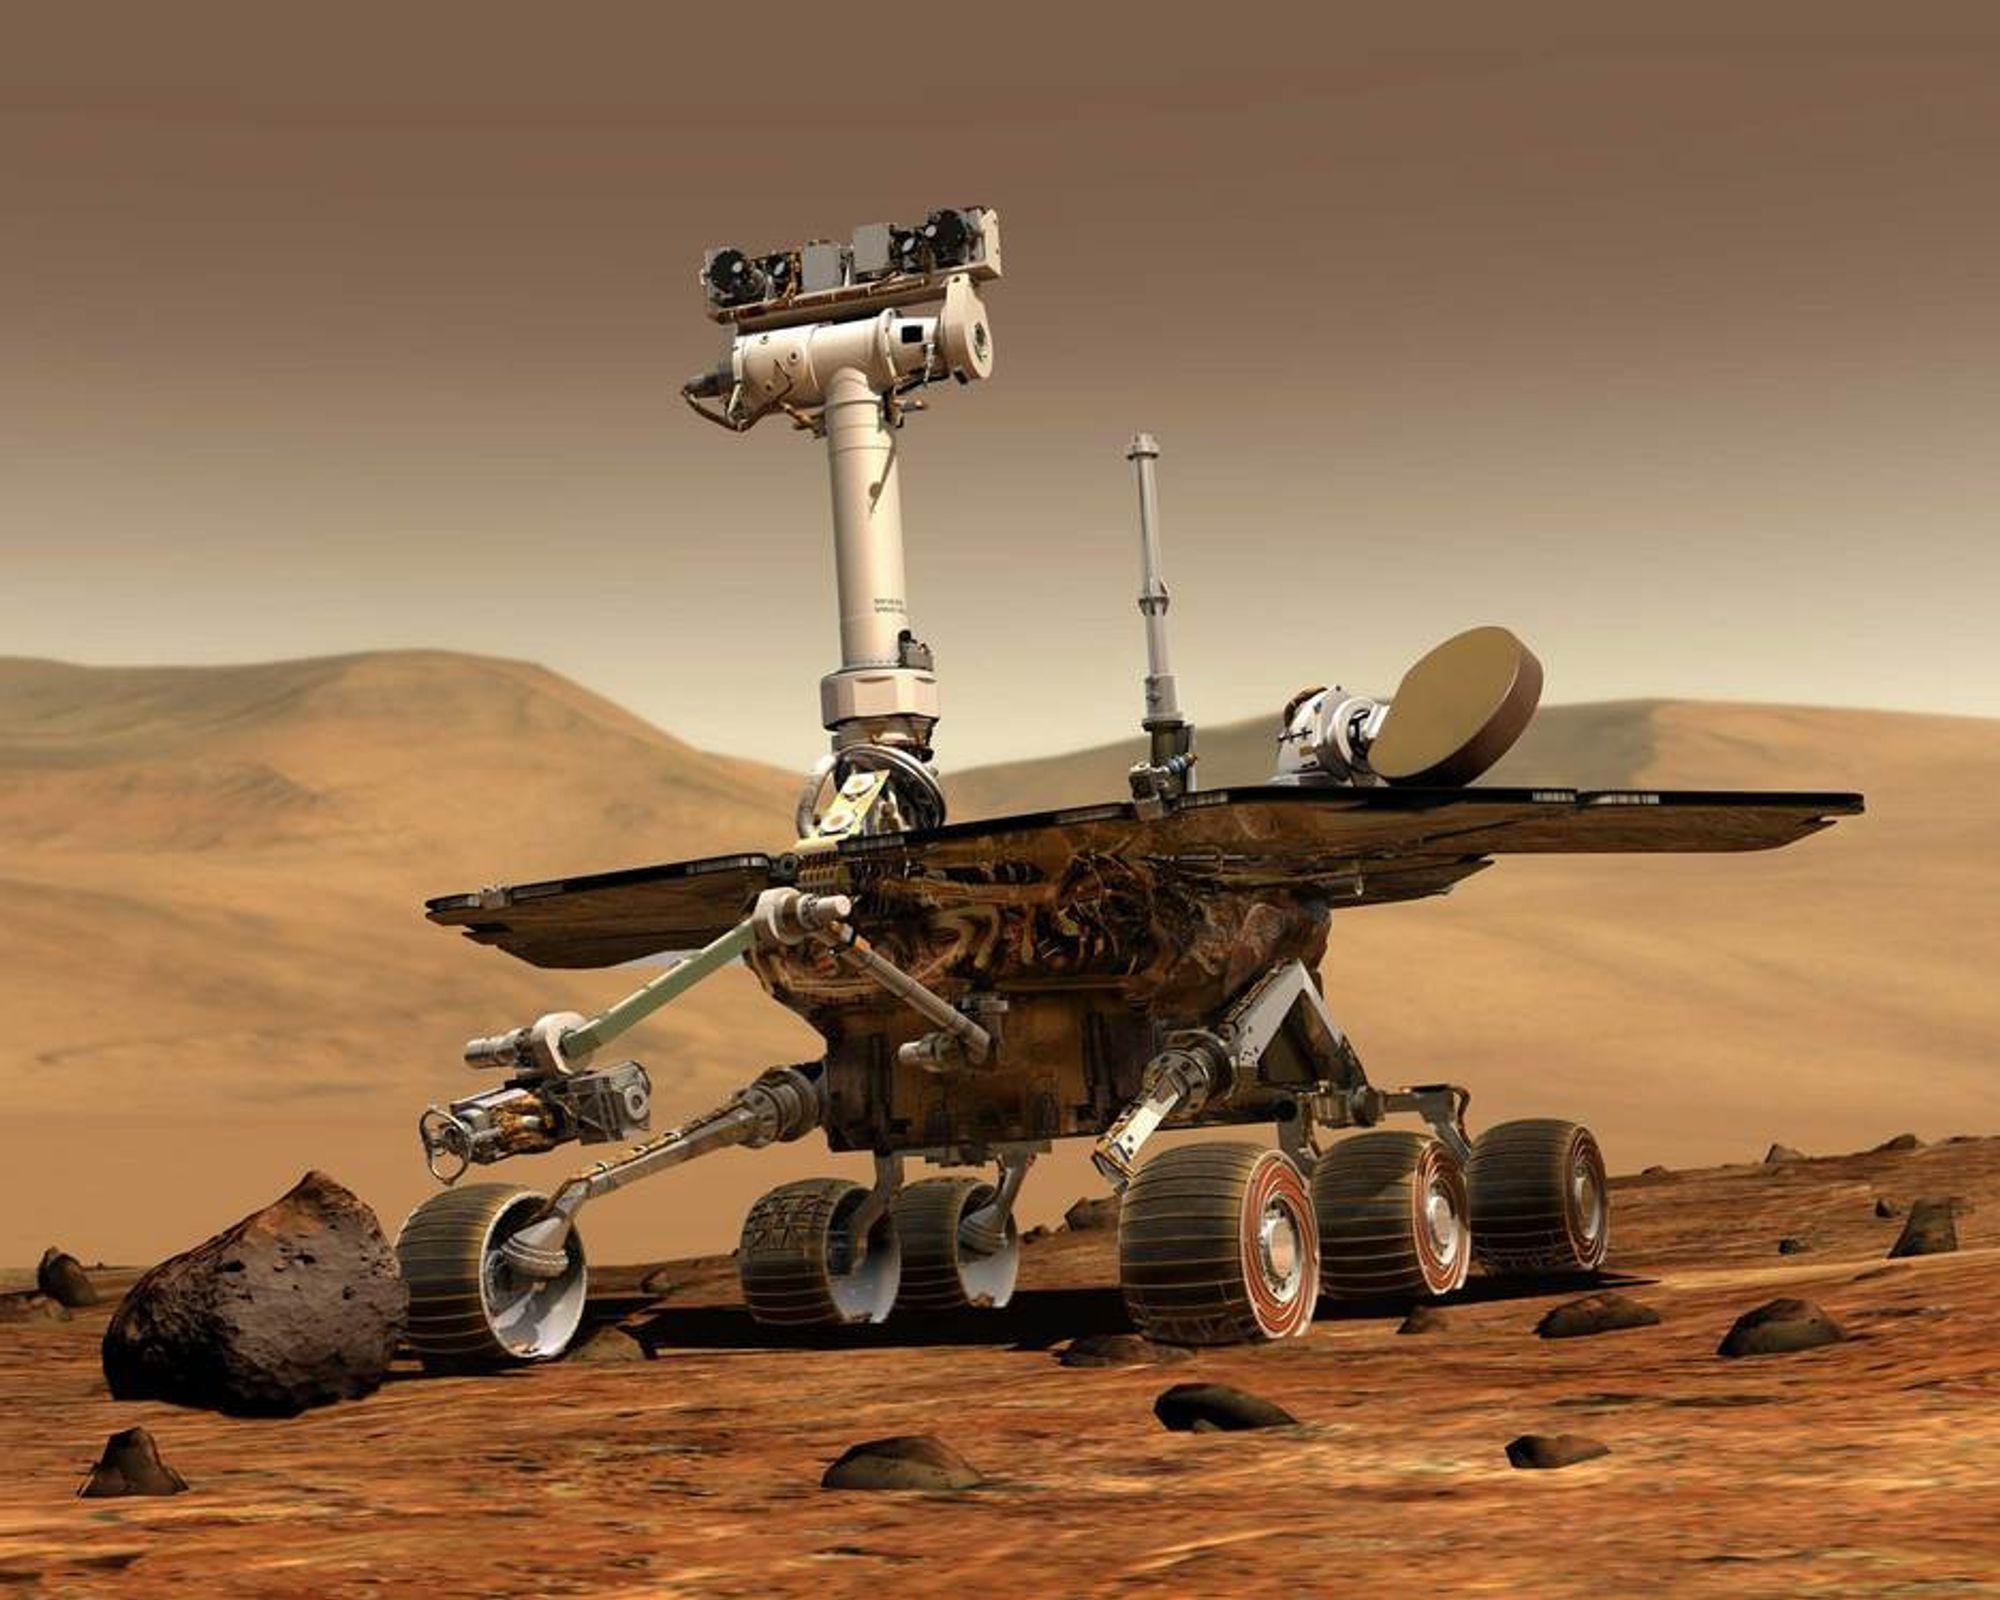 MESTERVERK: Opportunity er omtalt som et ingeniørmessig mesterverk. Ingen hadde turt å drømme om at den skulle kunne samle data på Mars i flere år. Tre måneder var den antatte levetiden.